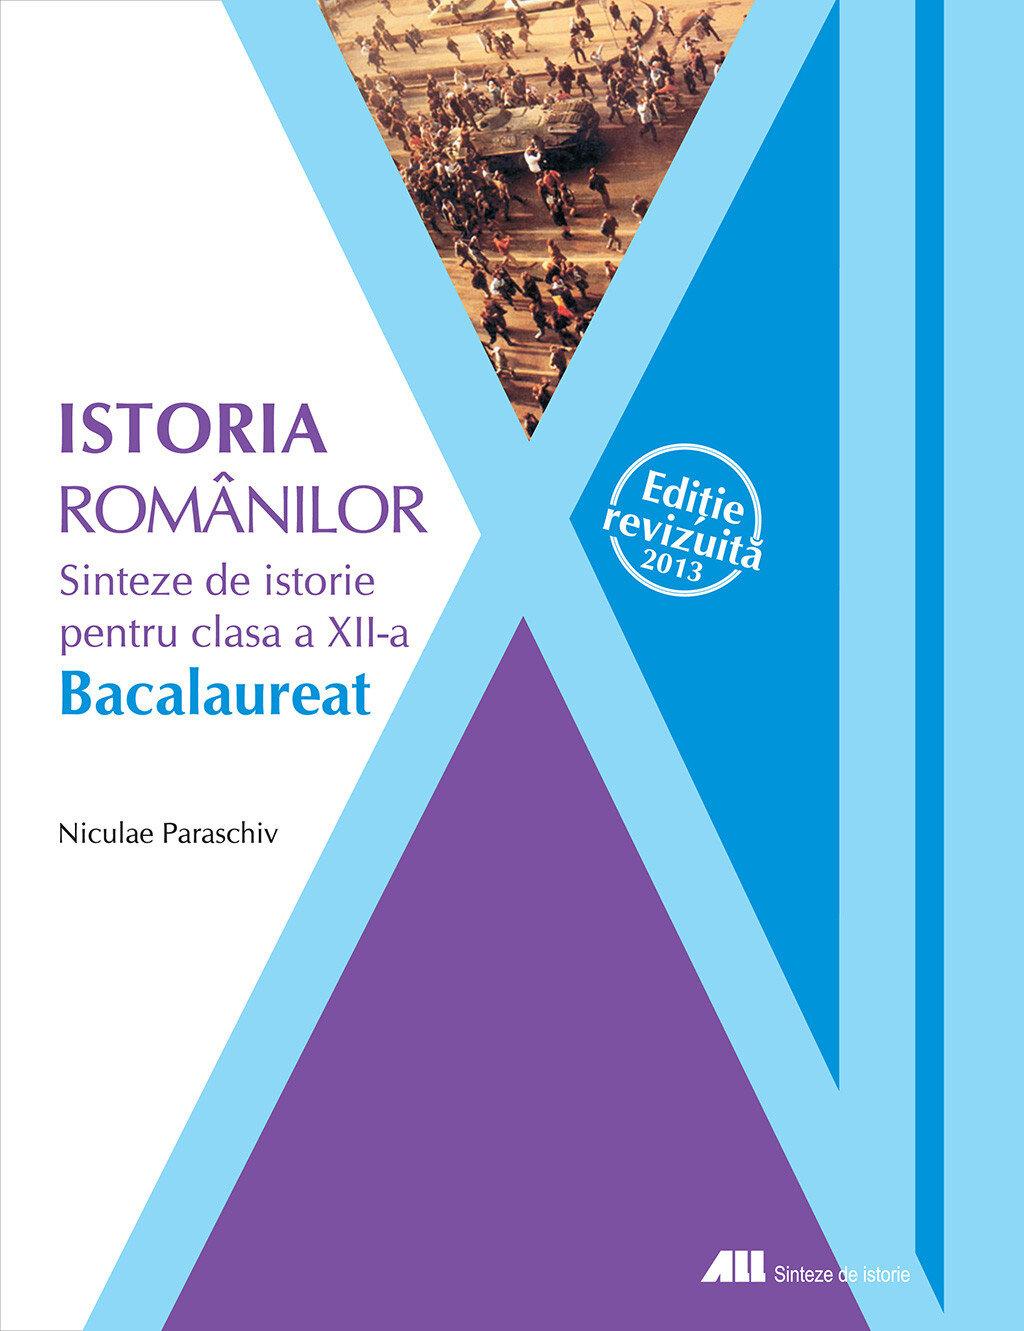 Istoria romanilor. Sinteze de istorie pentru clasa a XII-a. Bacalaureat. Editie revizuita - 2013 (eBook)